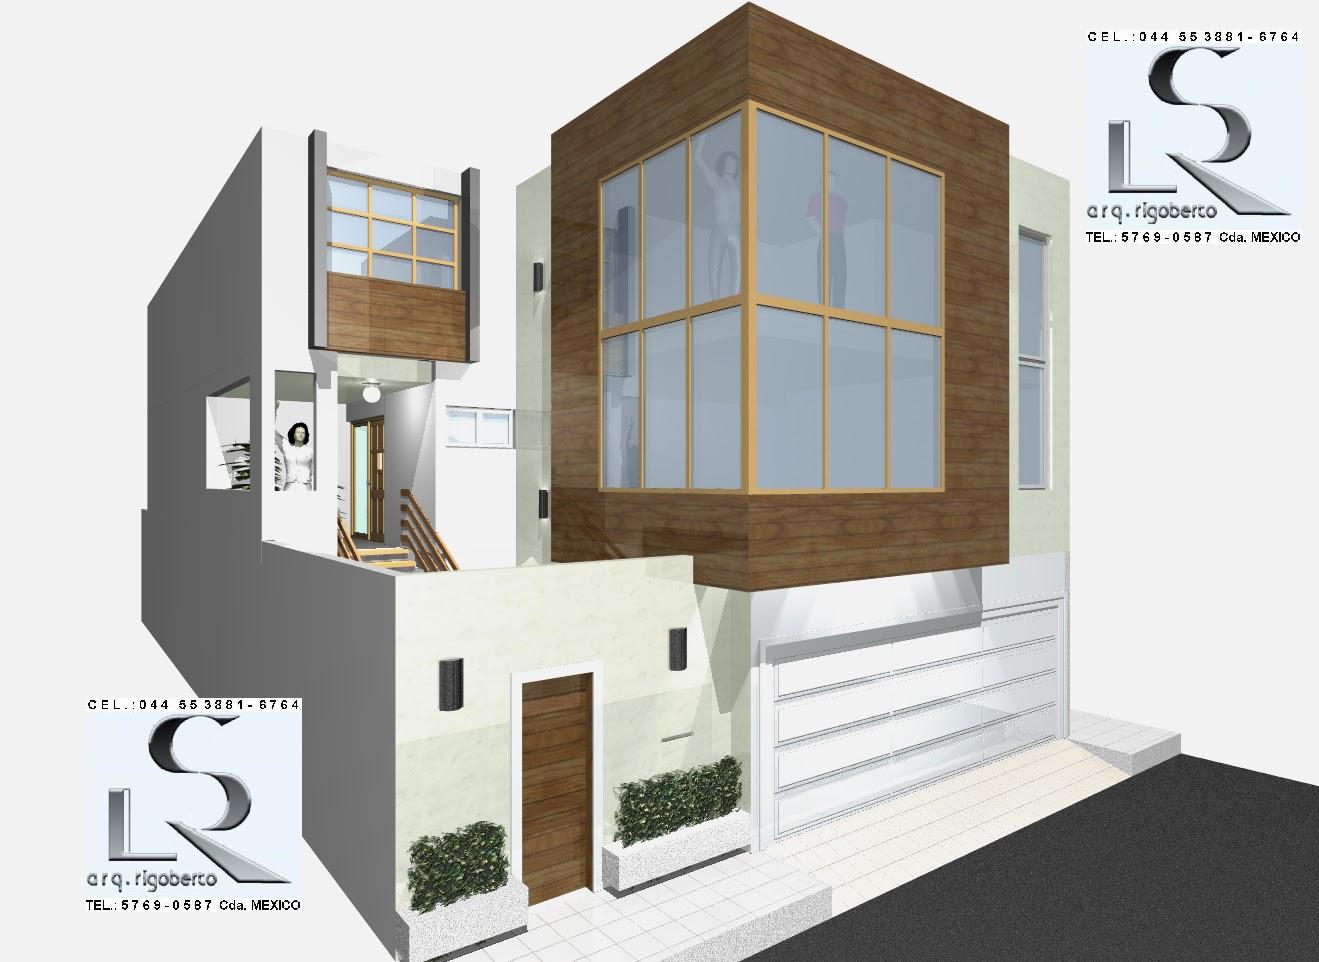 Dise o arquitect nico en 3d proyectos arquitect nicos en 3d dise o de casa habitaci n en 3d - Diseno de casas 3d ...